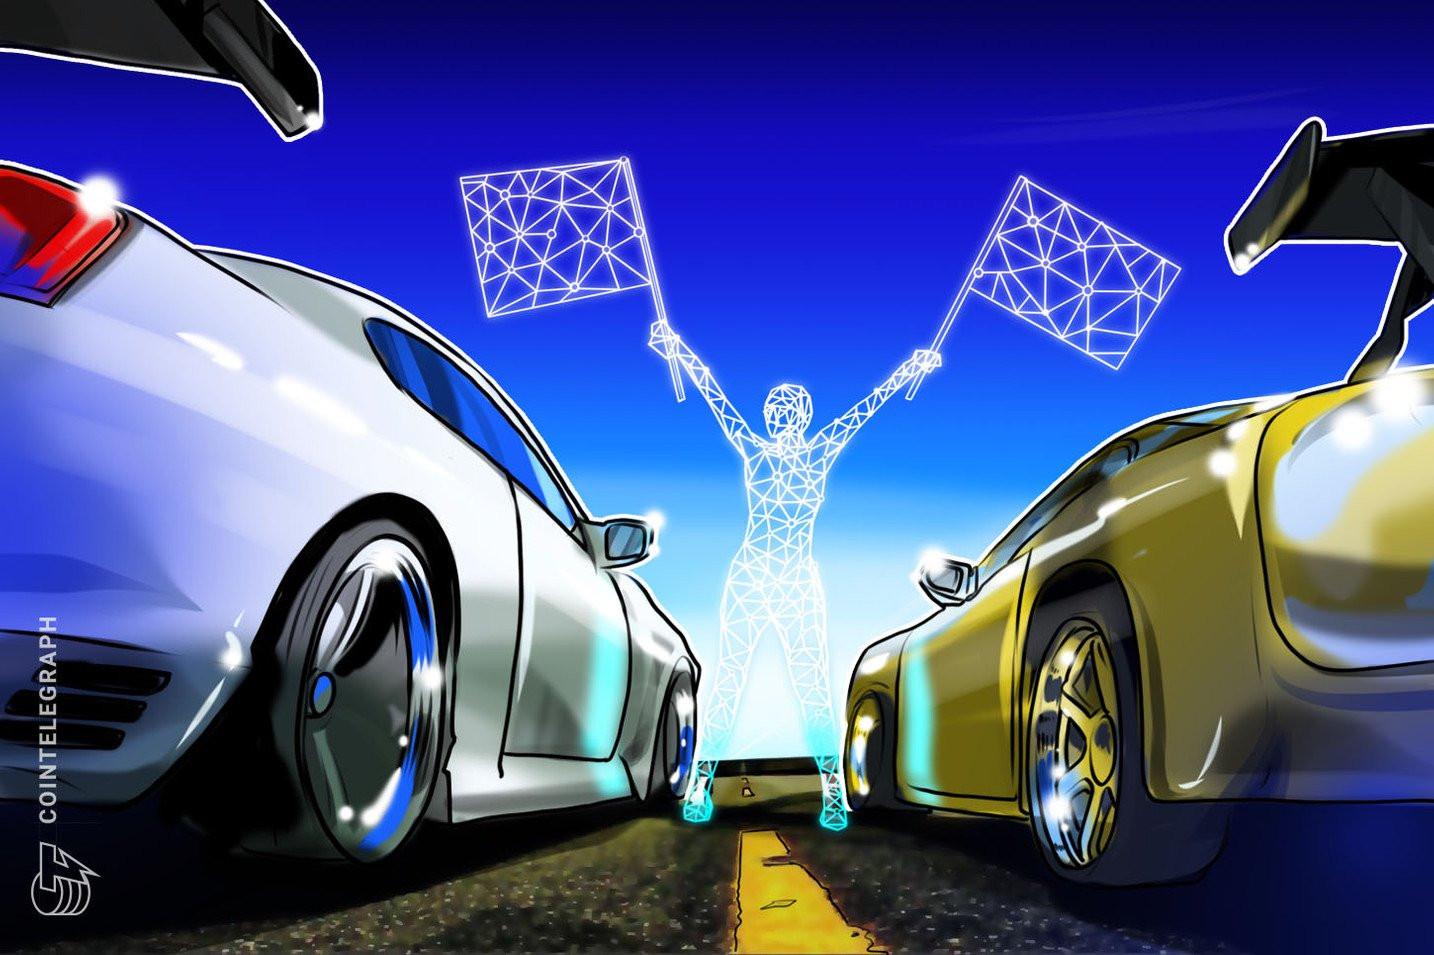 リップル、自動車業界ブロックチェーンコンソーシアム「MOBI」に参画 | ホンダやフォードなどもメンバー